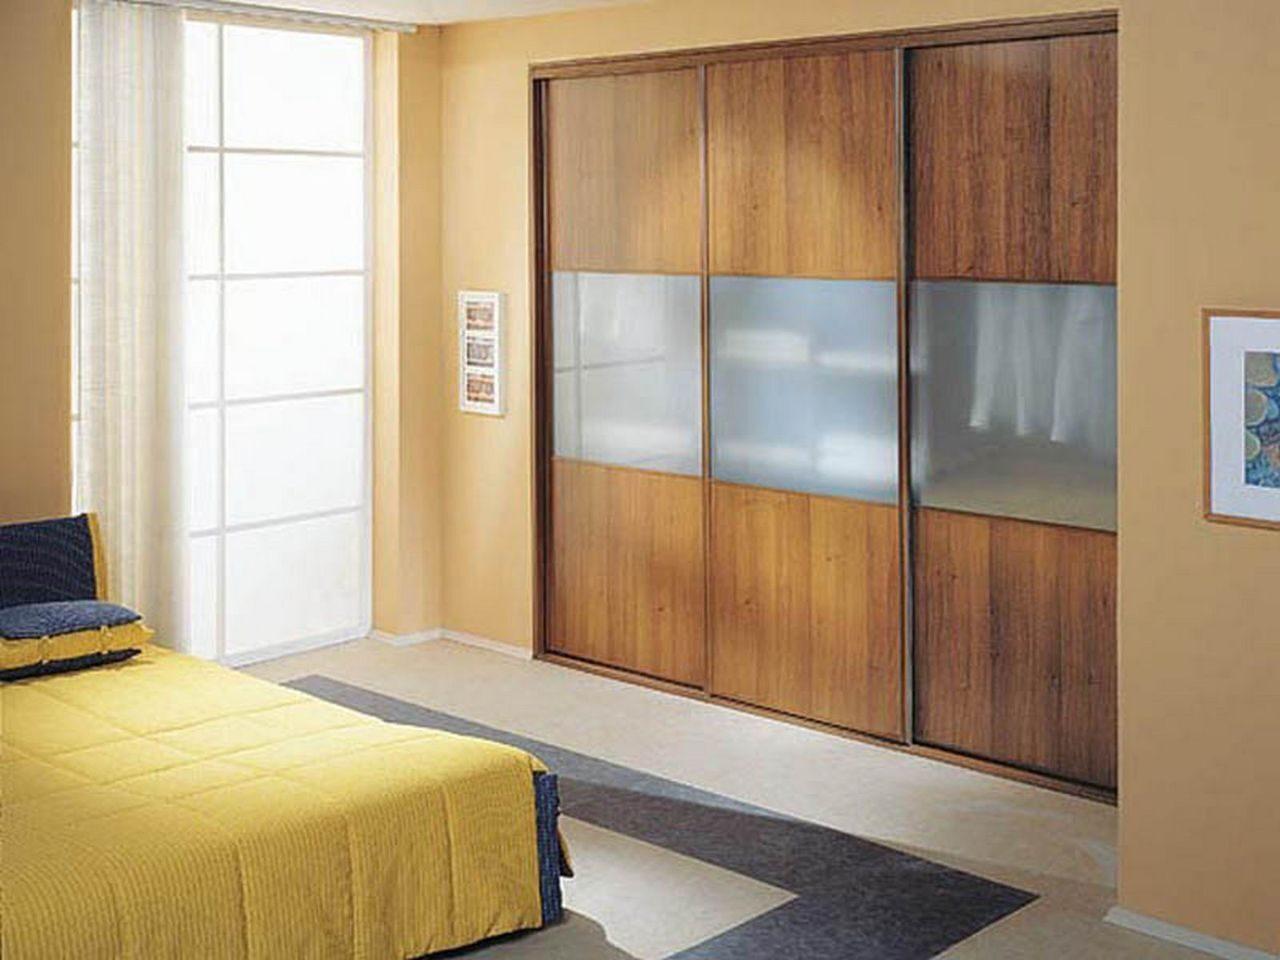 Шкаф встроенный в стену фото